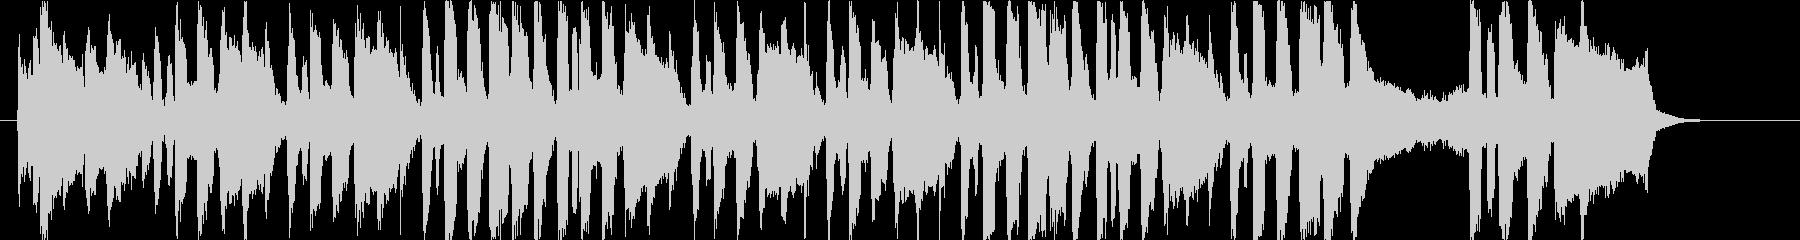 誕生日の歌(ワルツver) 【メイ】の未再生の波形